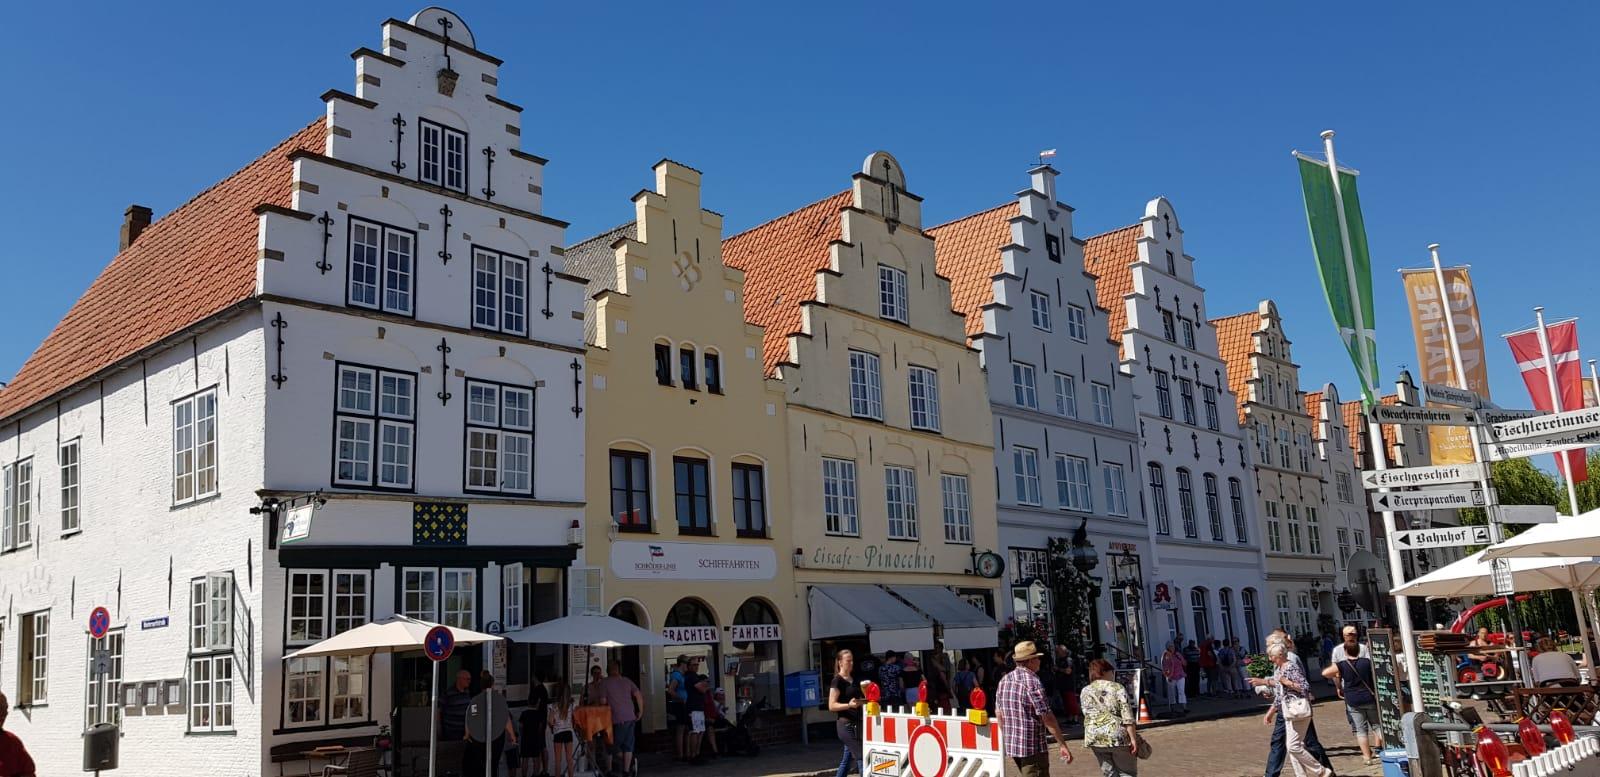 Fahrt nach Friedrichstadt